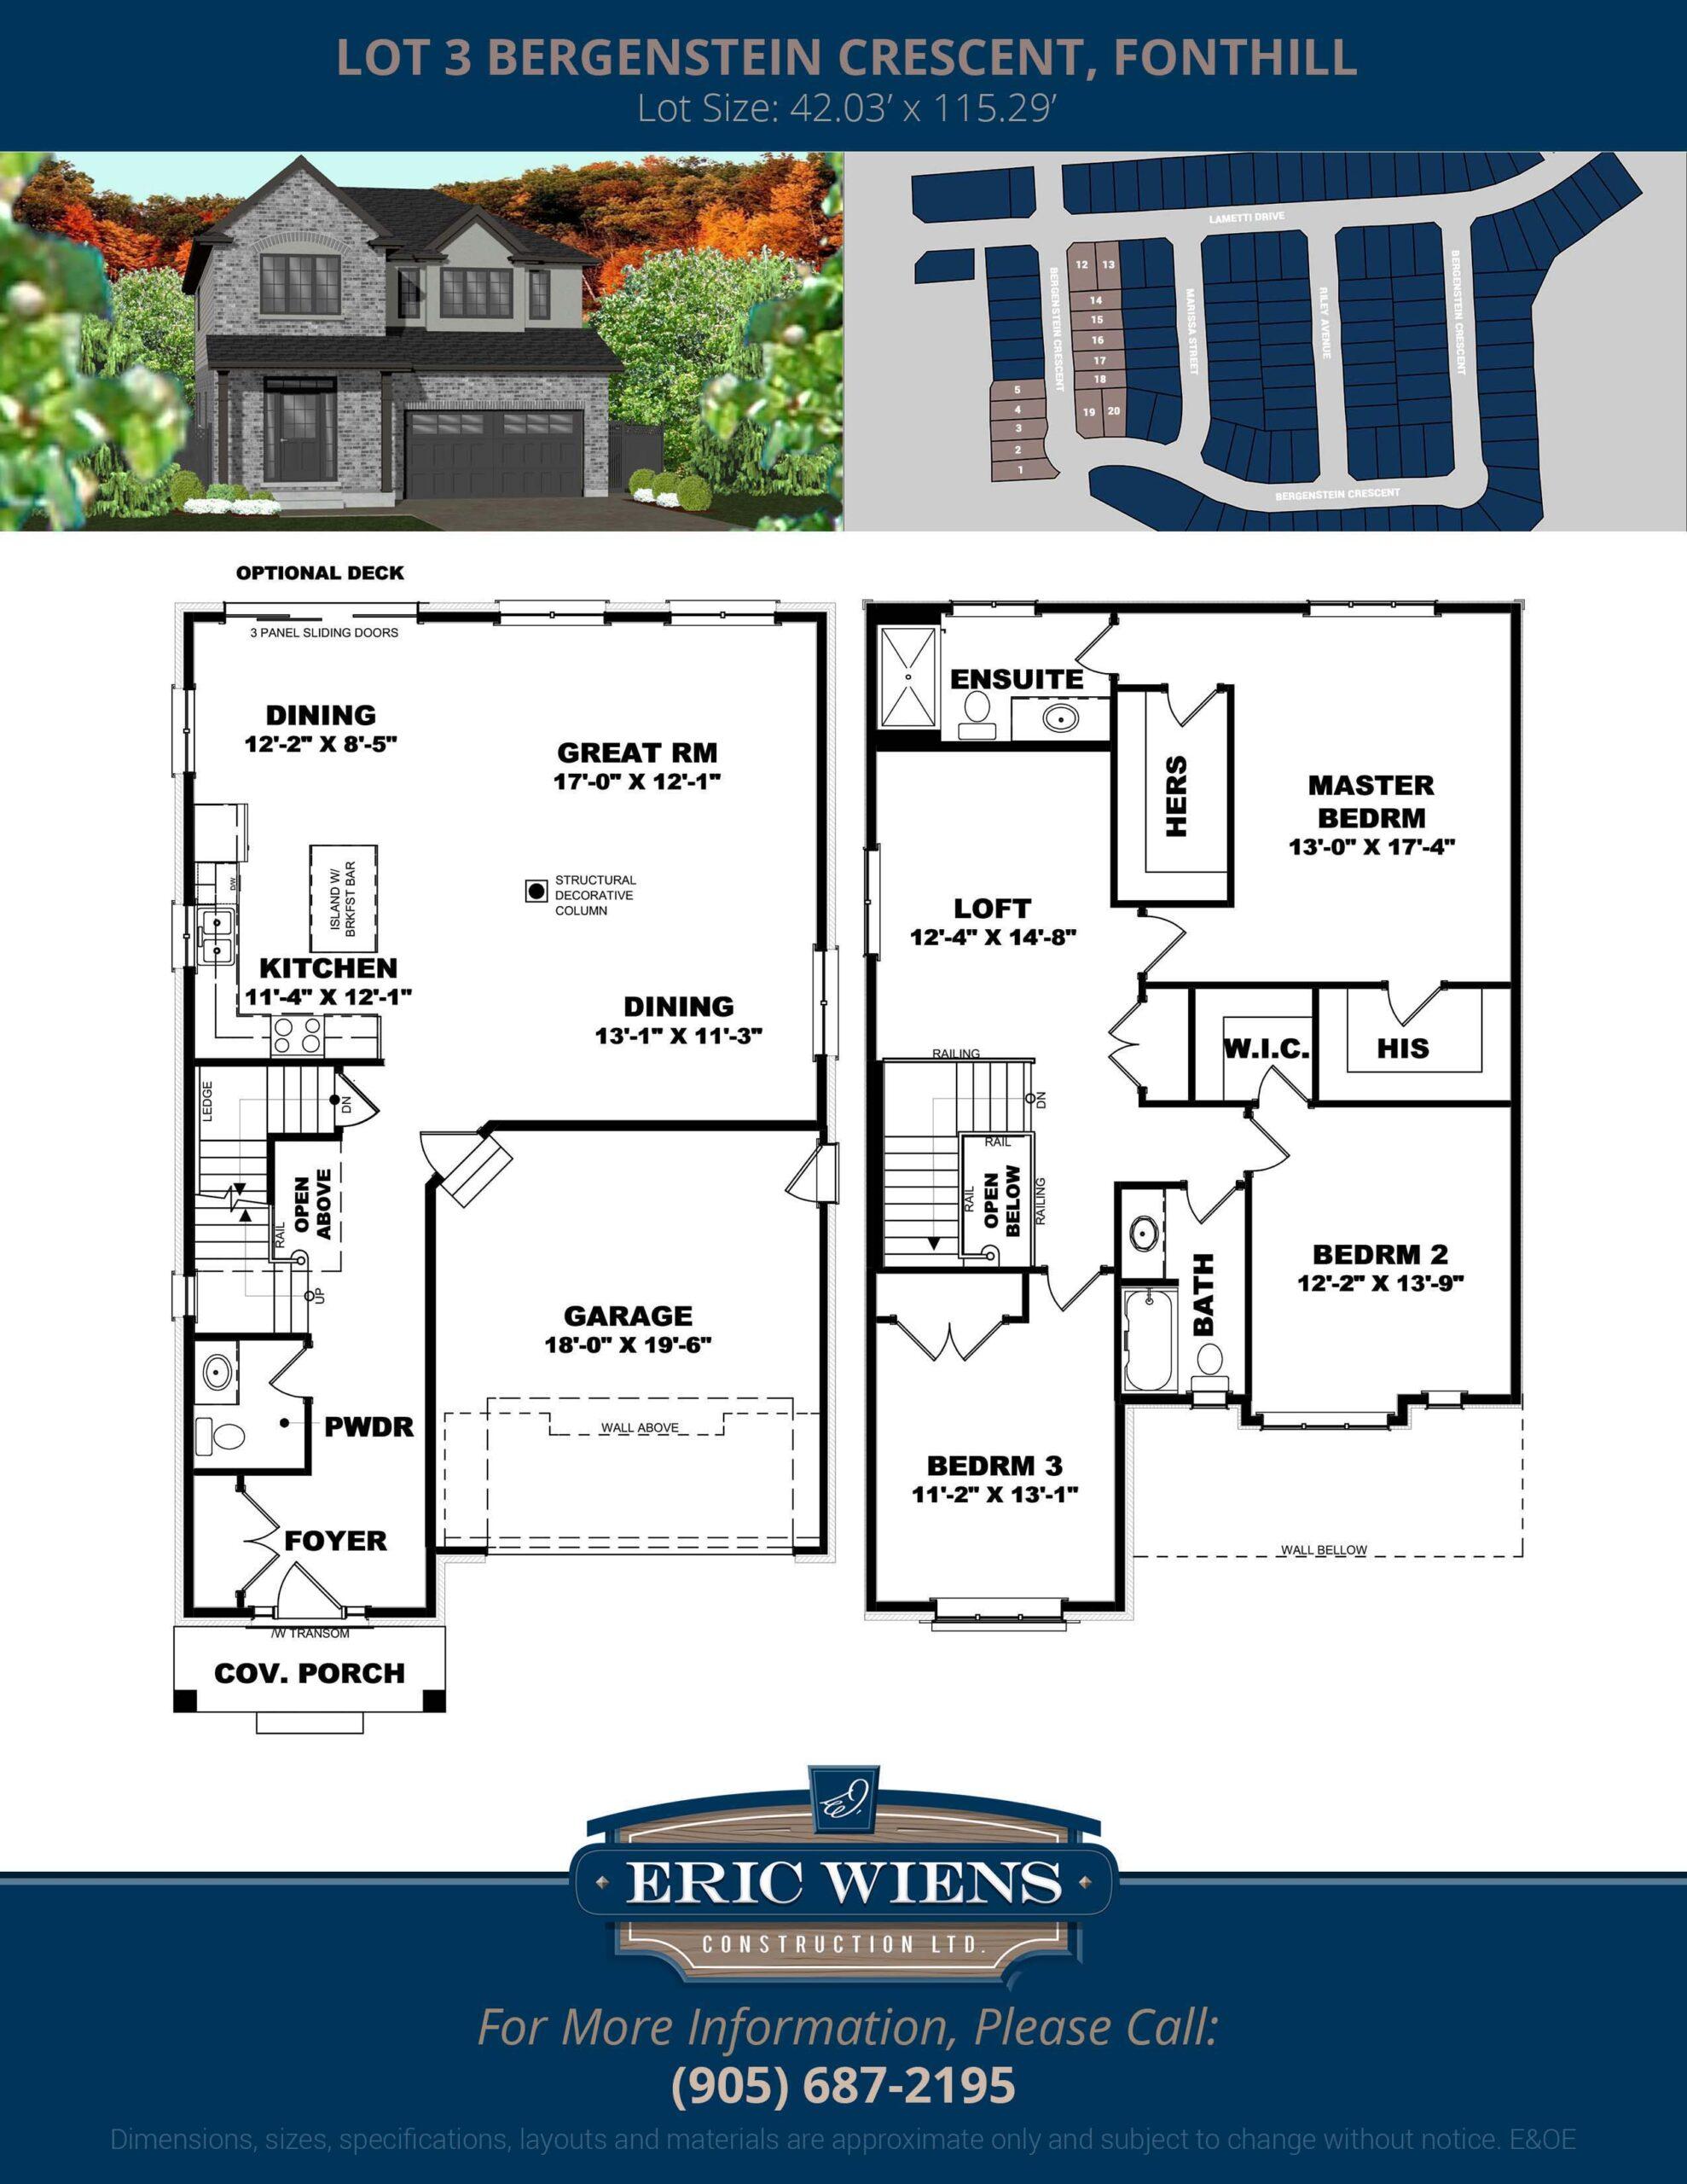 Lot 3 Bergenstein Crescent Floor Plan